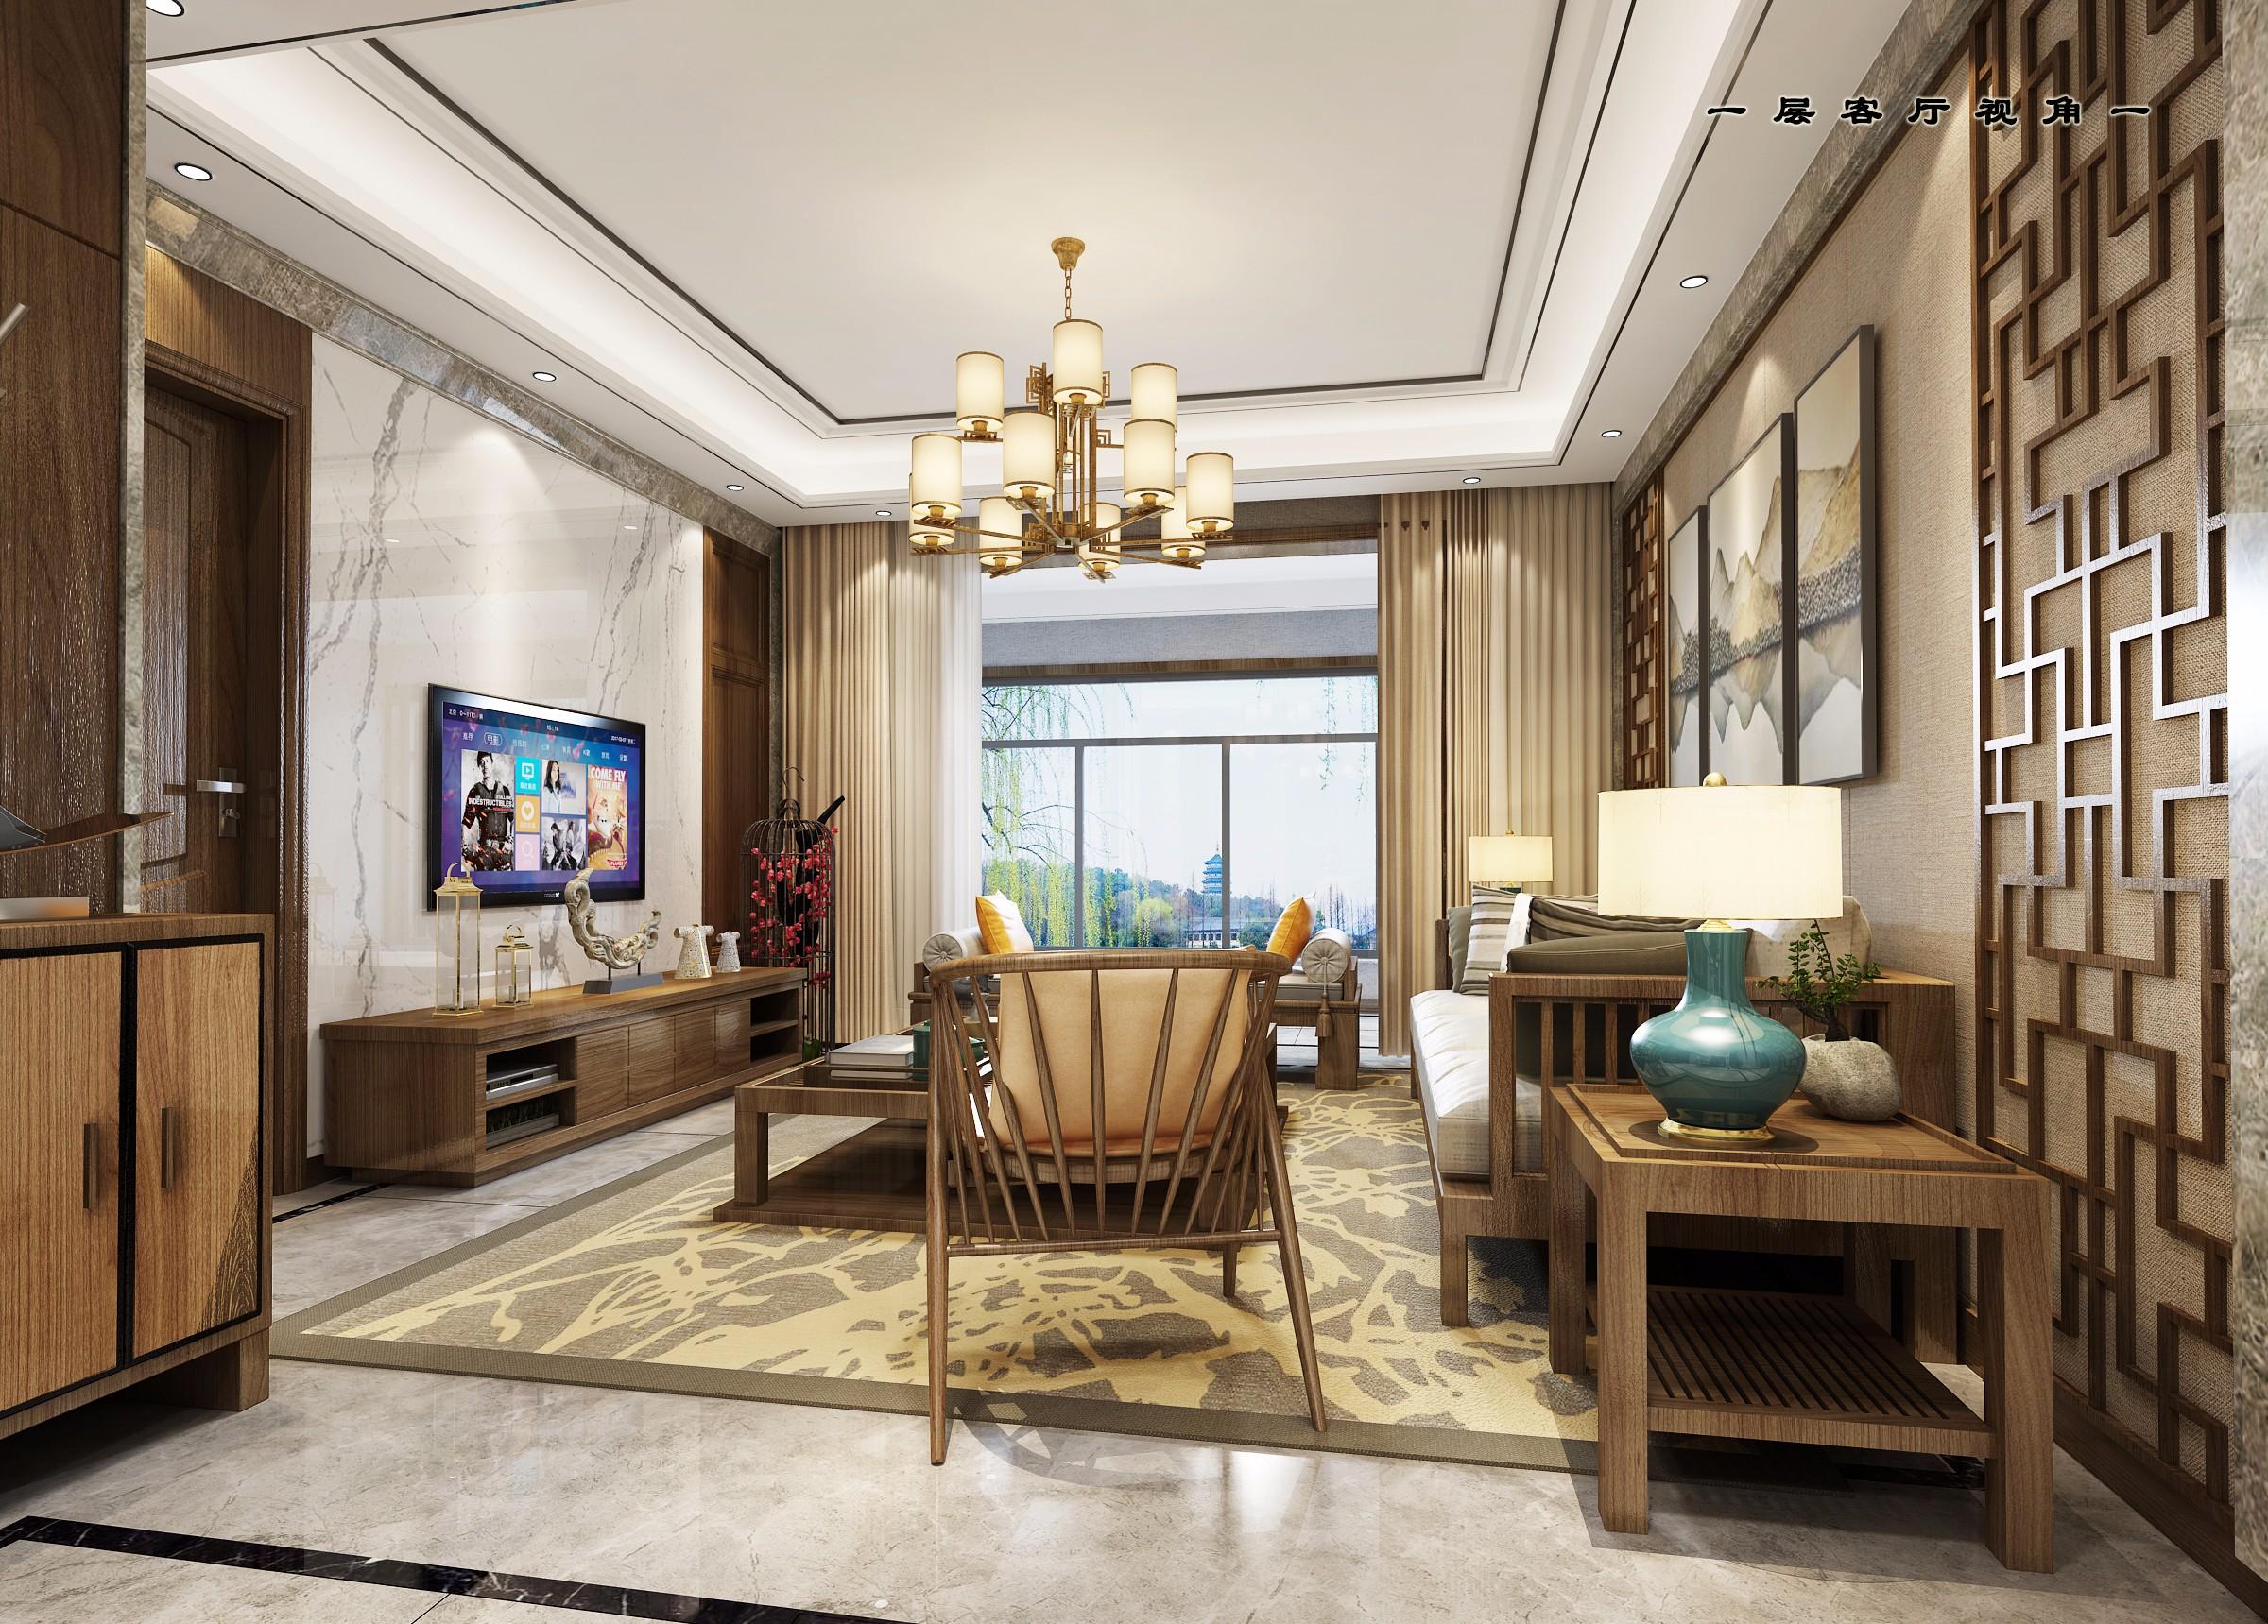 新中式家装 - 效果图交流区-建e室内设计网